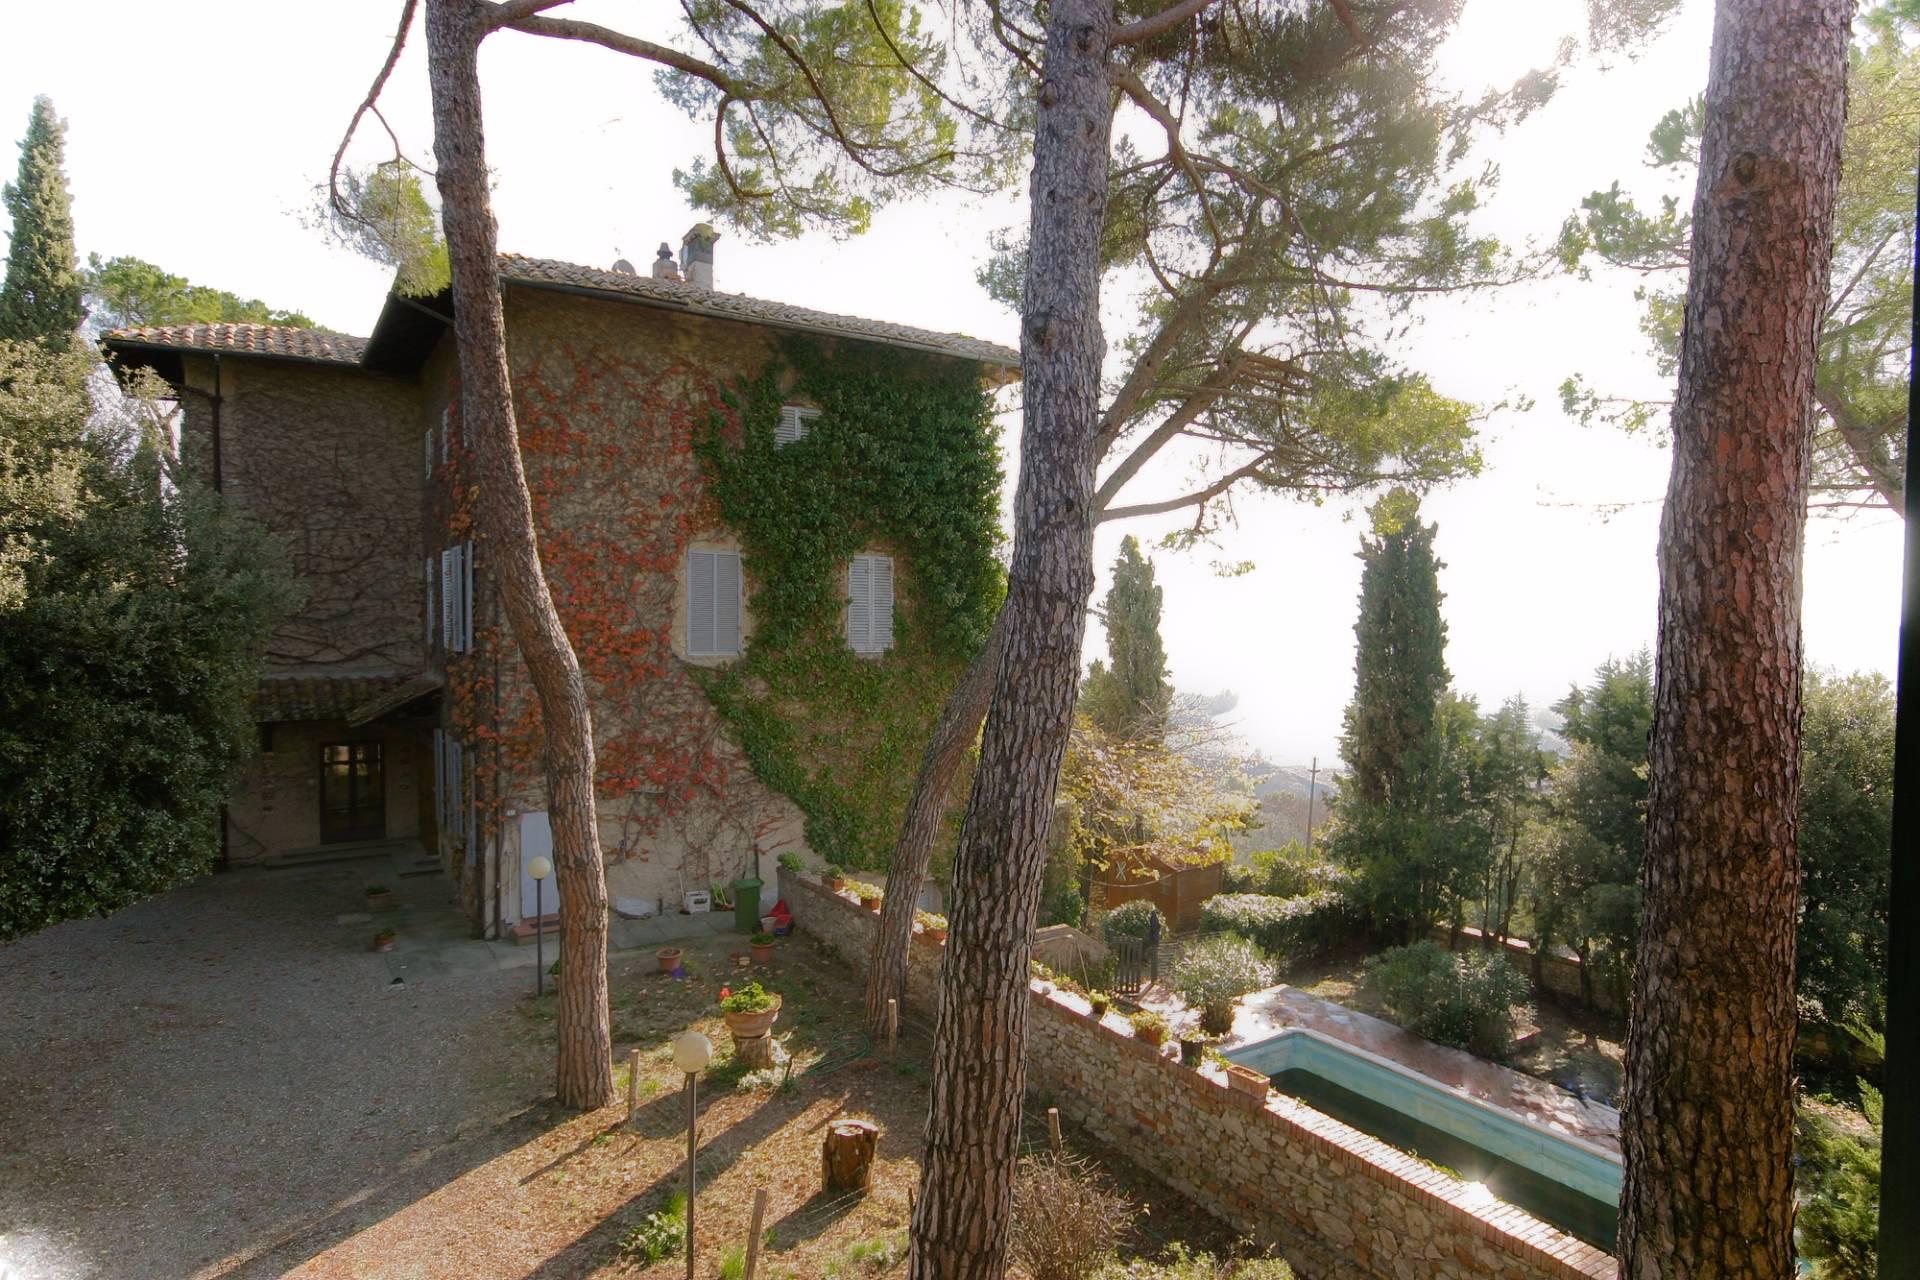 Villa in vendita a Casole d'Elsa, 35 locali, zona Zona: Cavallano, prezzo € 2.950.000 | Cambio Casa.it